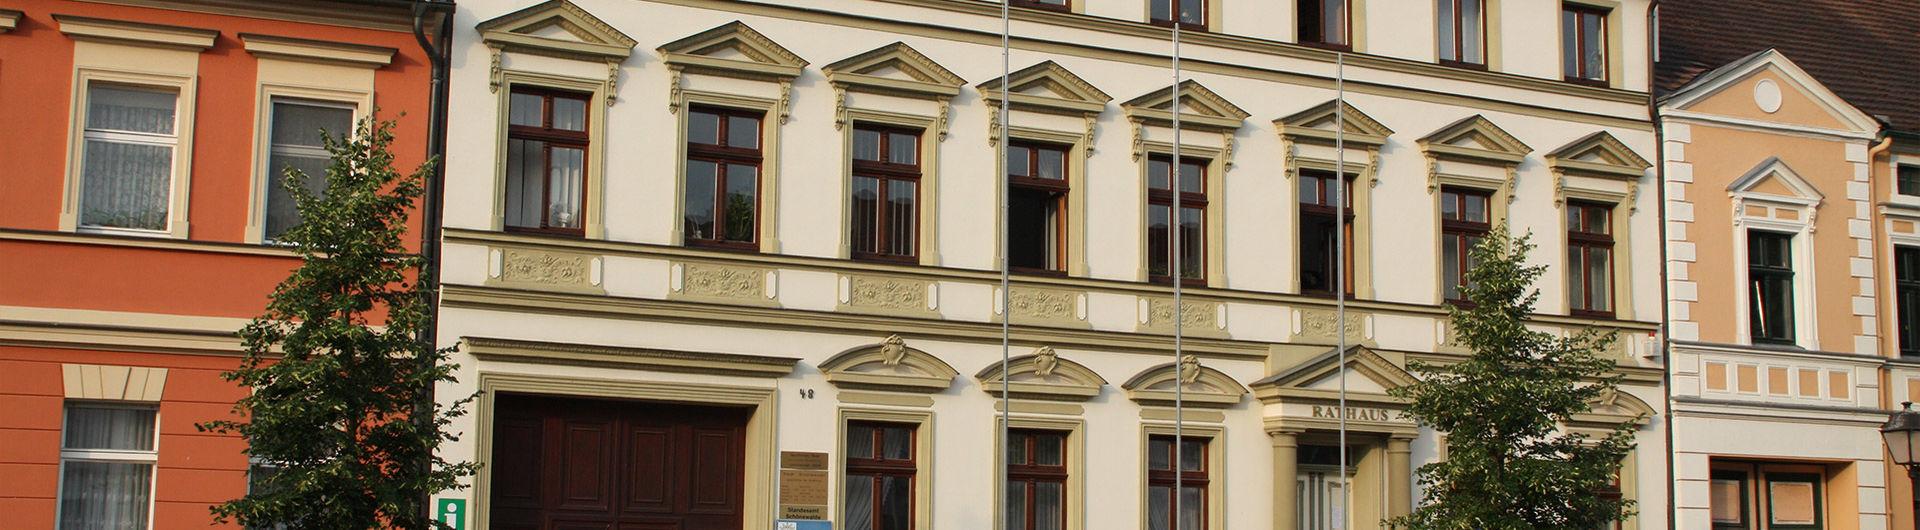 Rathaus in Schönewalde